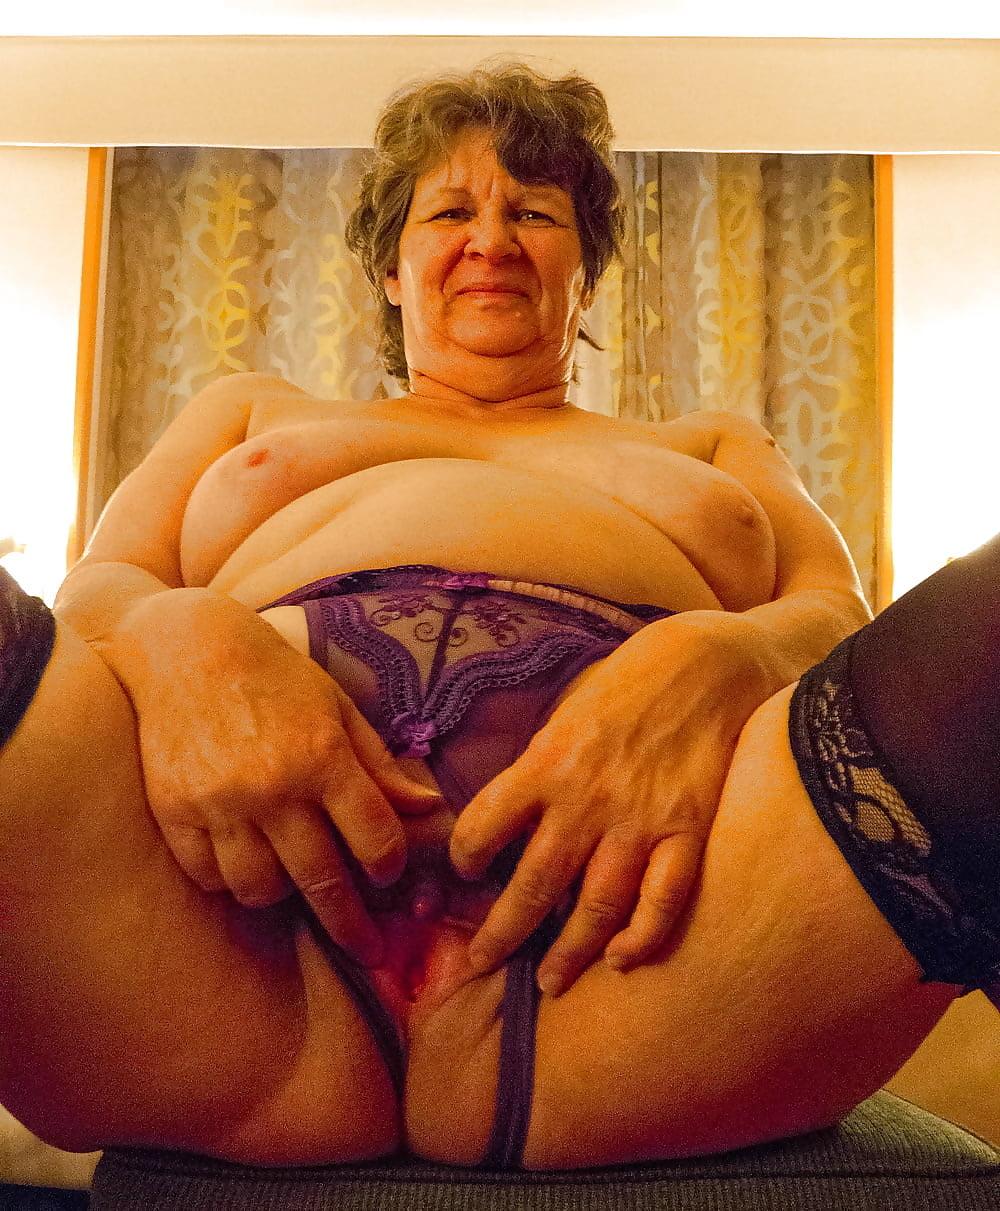 Nude mature sex photos-5391